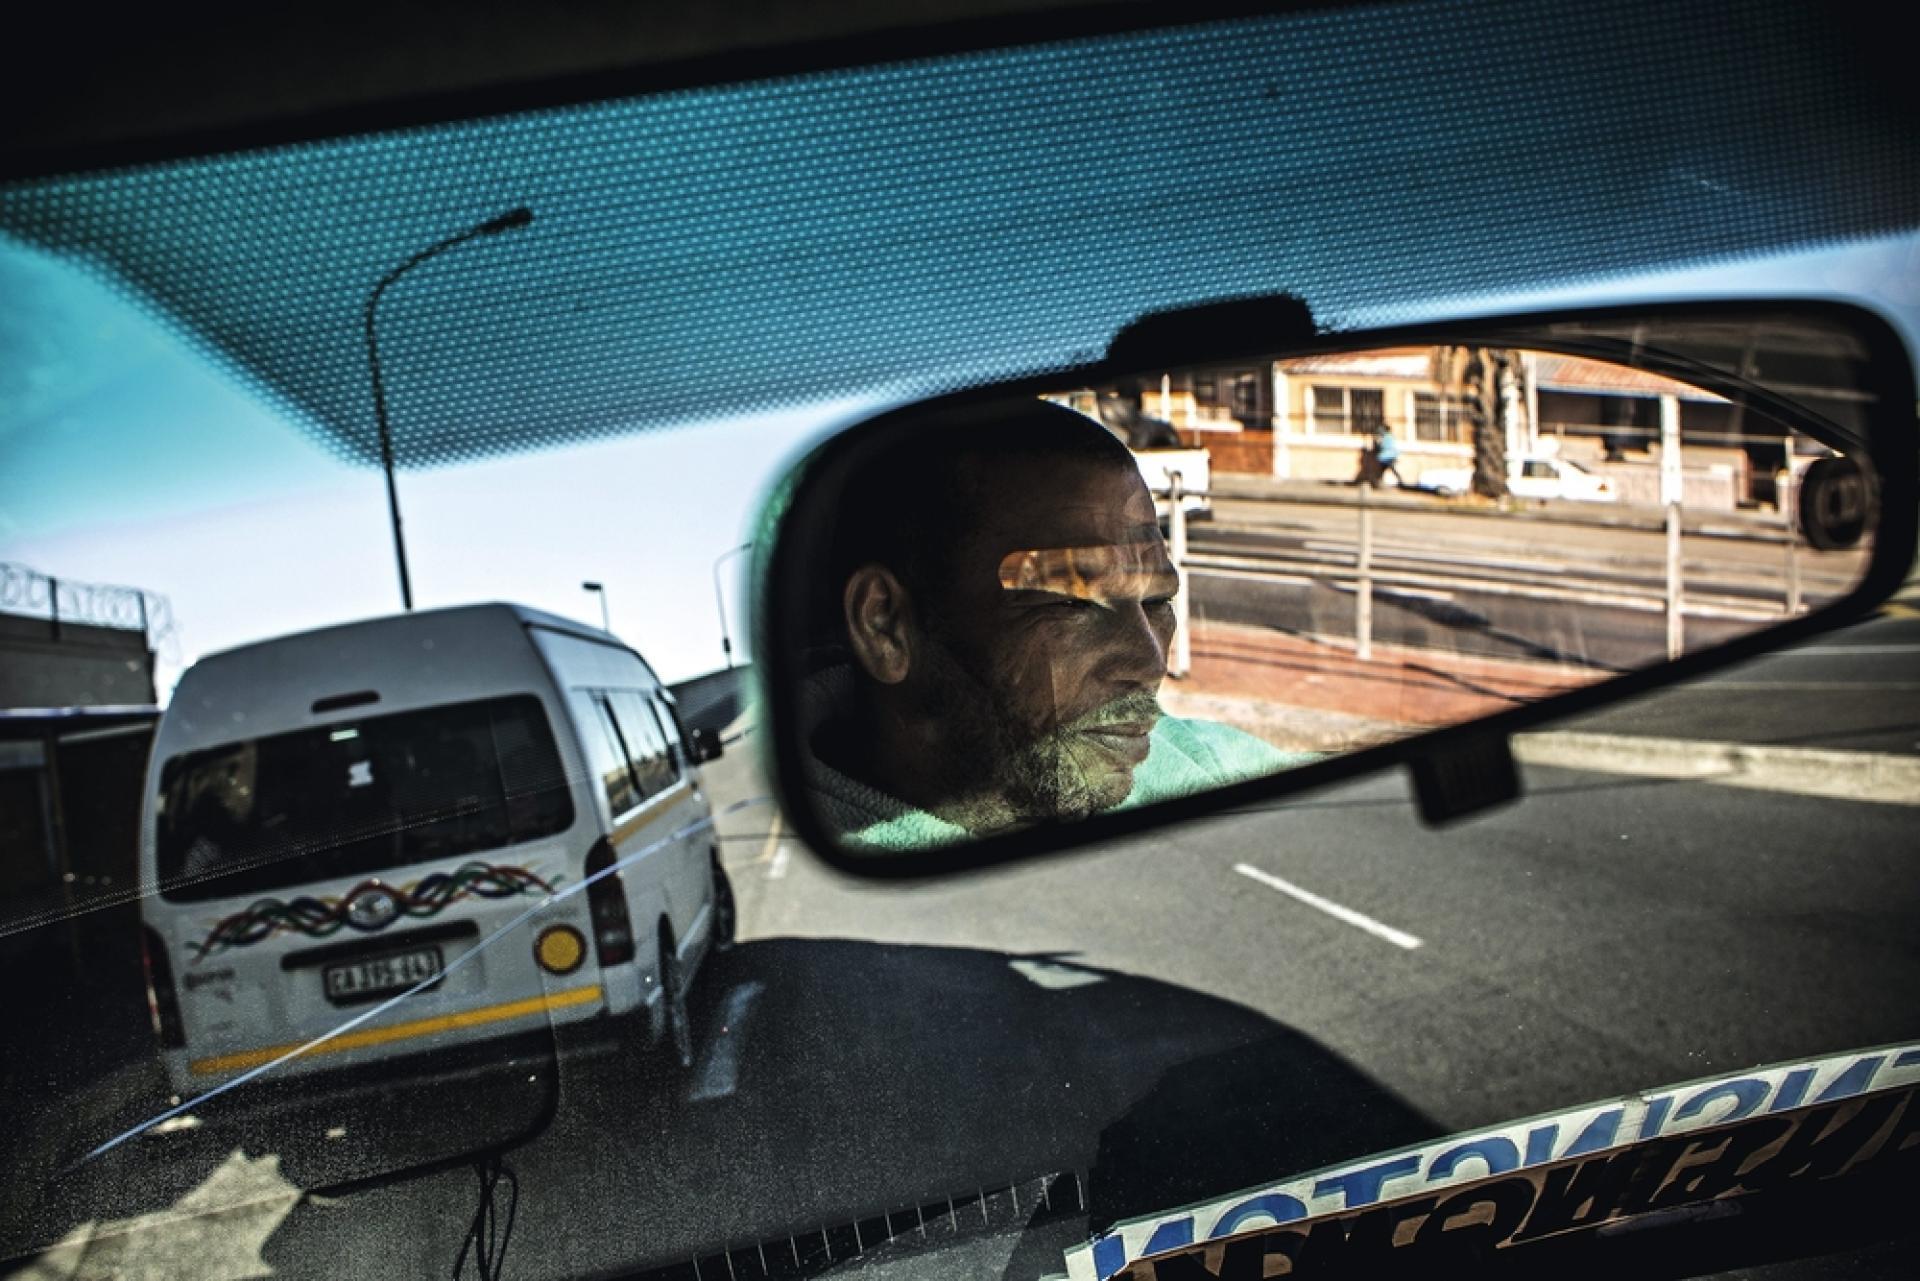 Louie Romario, du quartier de Kensington, est chauffeur depuis 1984. Il dit aimer son travail car il a le sentiment de «rendre service».